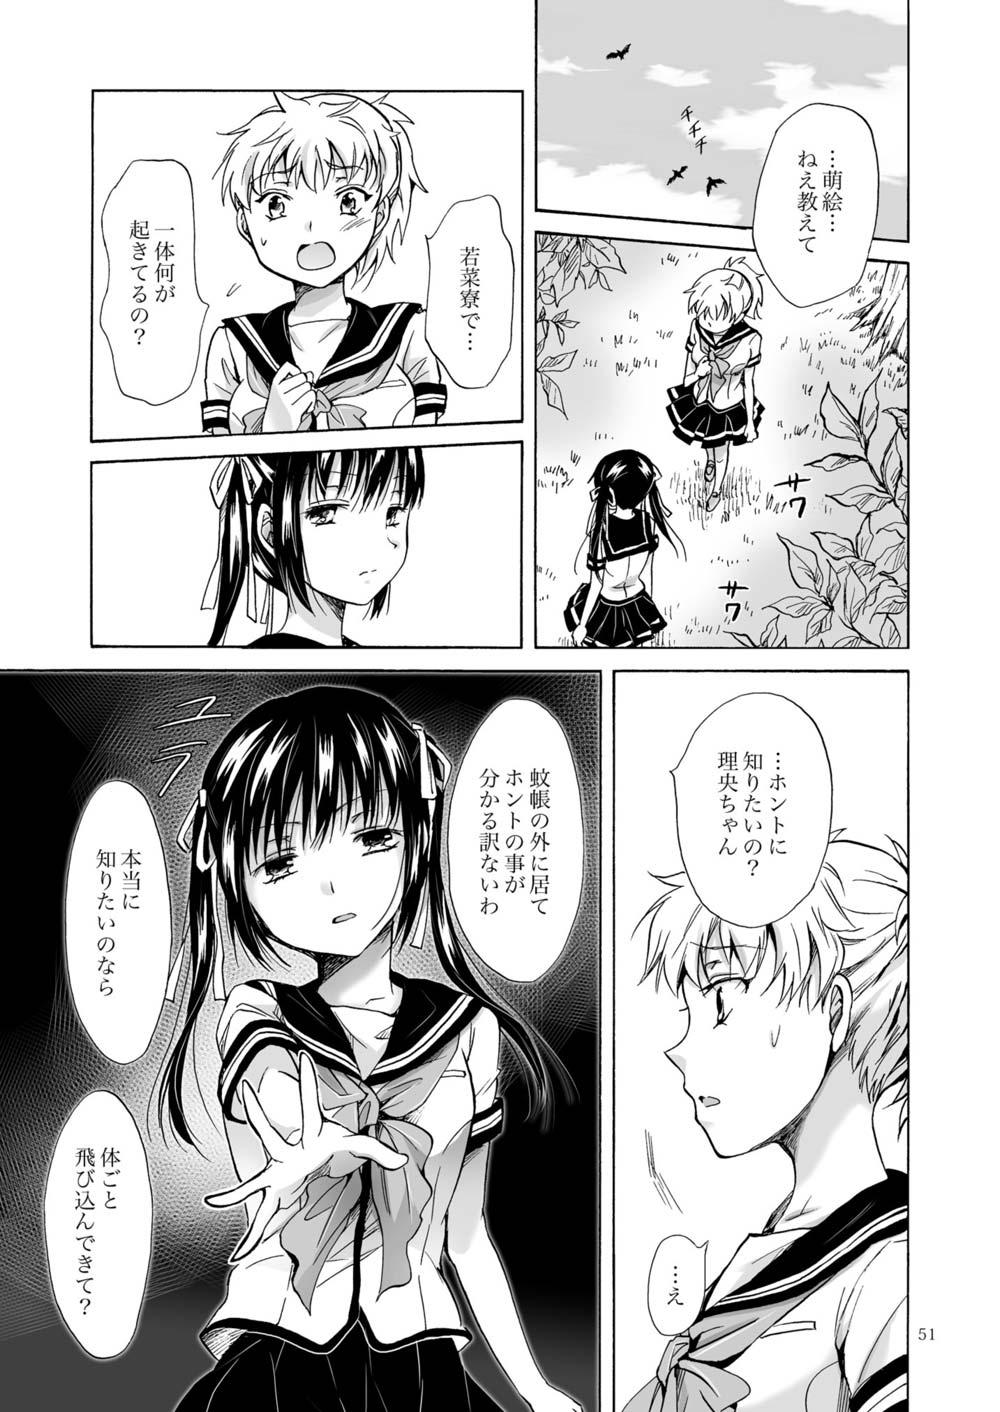 【エロ漫画・エロ同人誌】大好きな先輩が手に入らないからSに目覚めたちっぱい女子校生www (50)